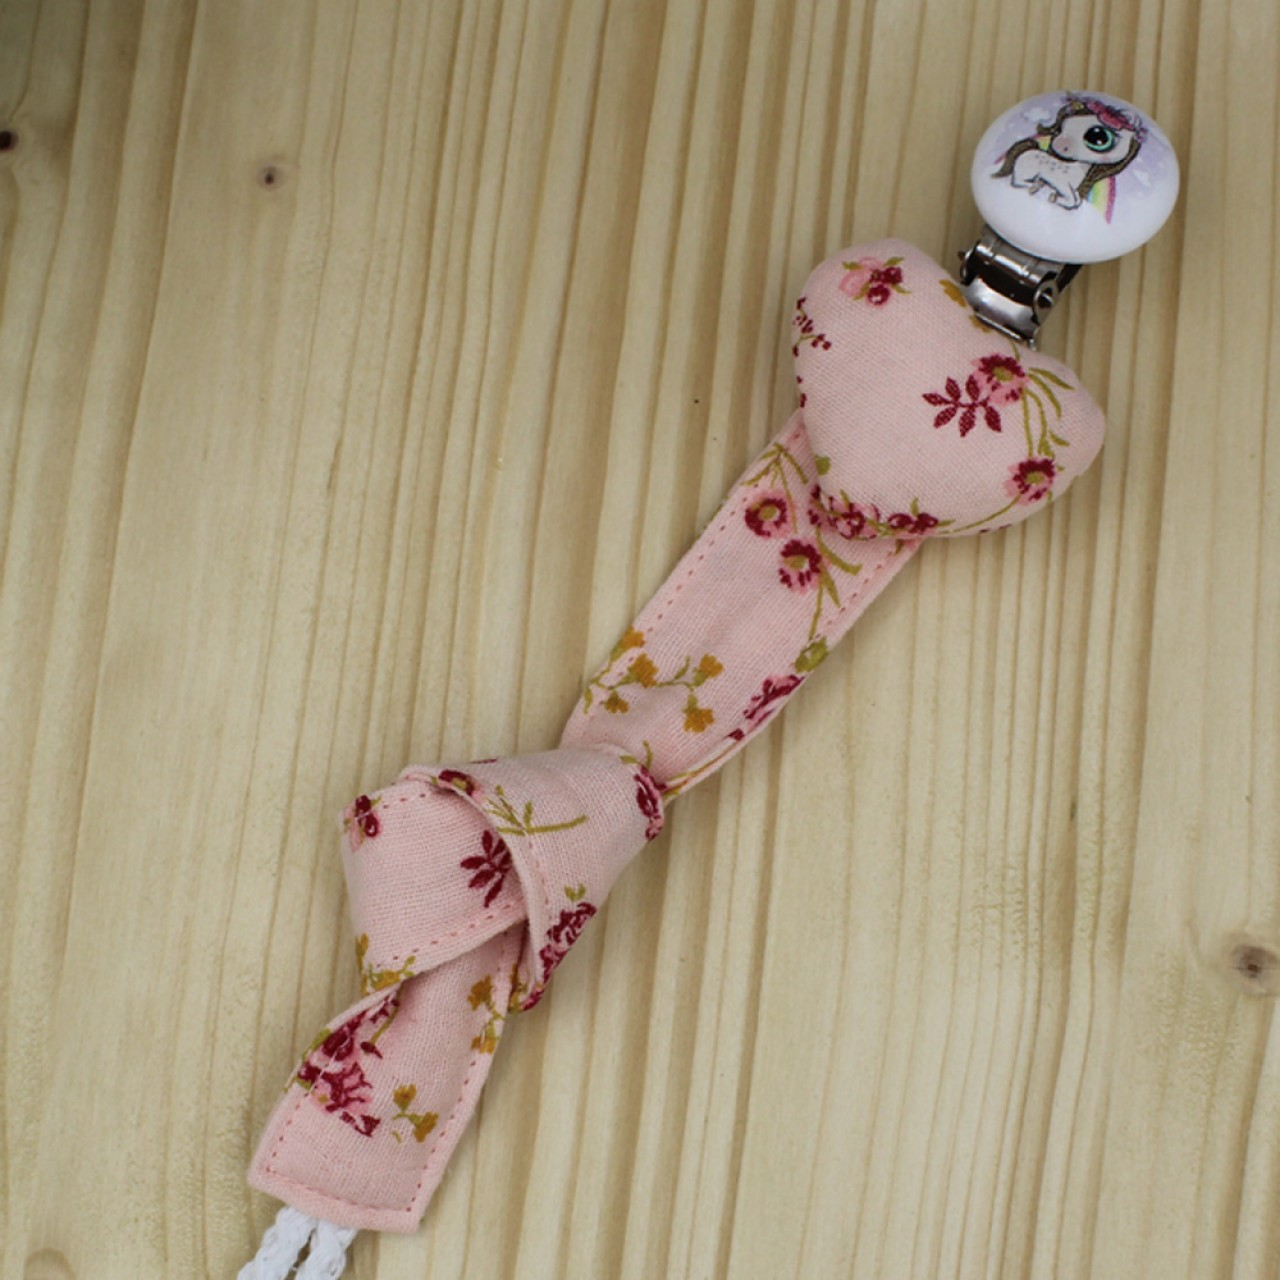 Χειροποίητο Κλιπ Πιπίλας Rose Floral Μουσελίνα Με Κλιπ Μικρό Πόνυ